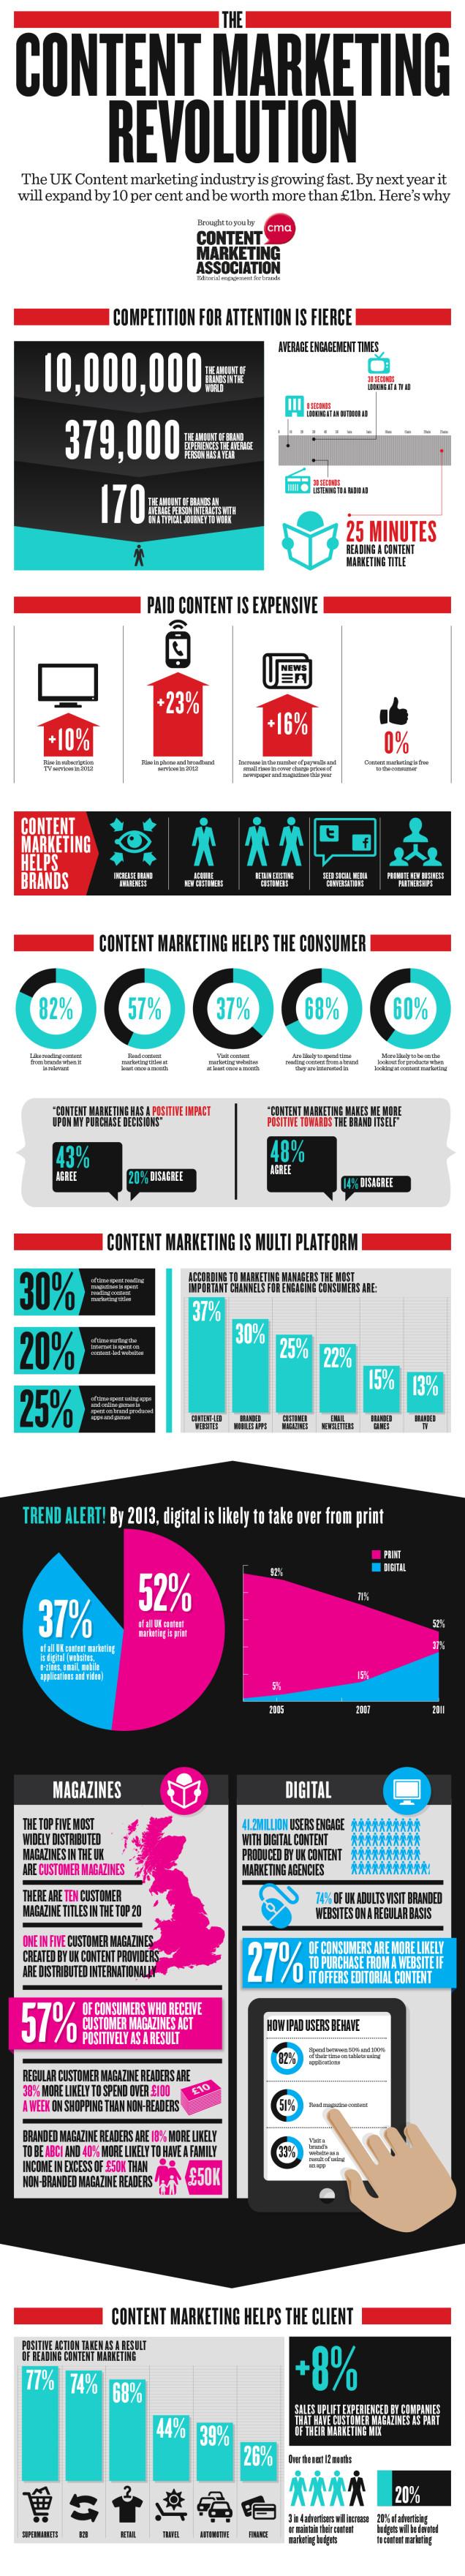 waarom content marketing: enkele onderzoeksresultaten